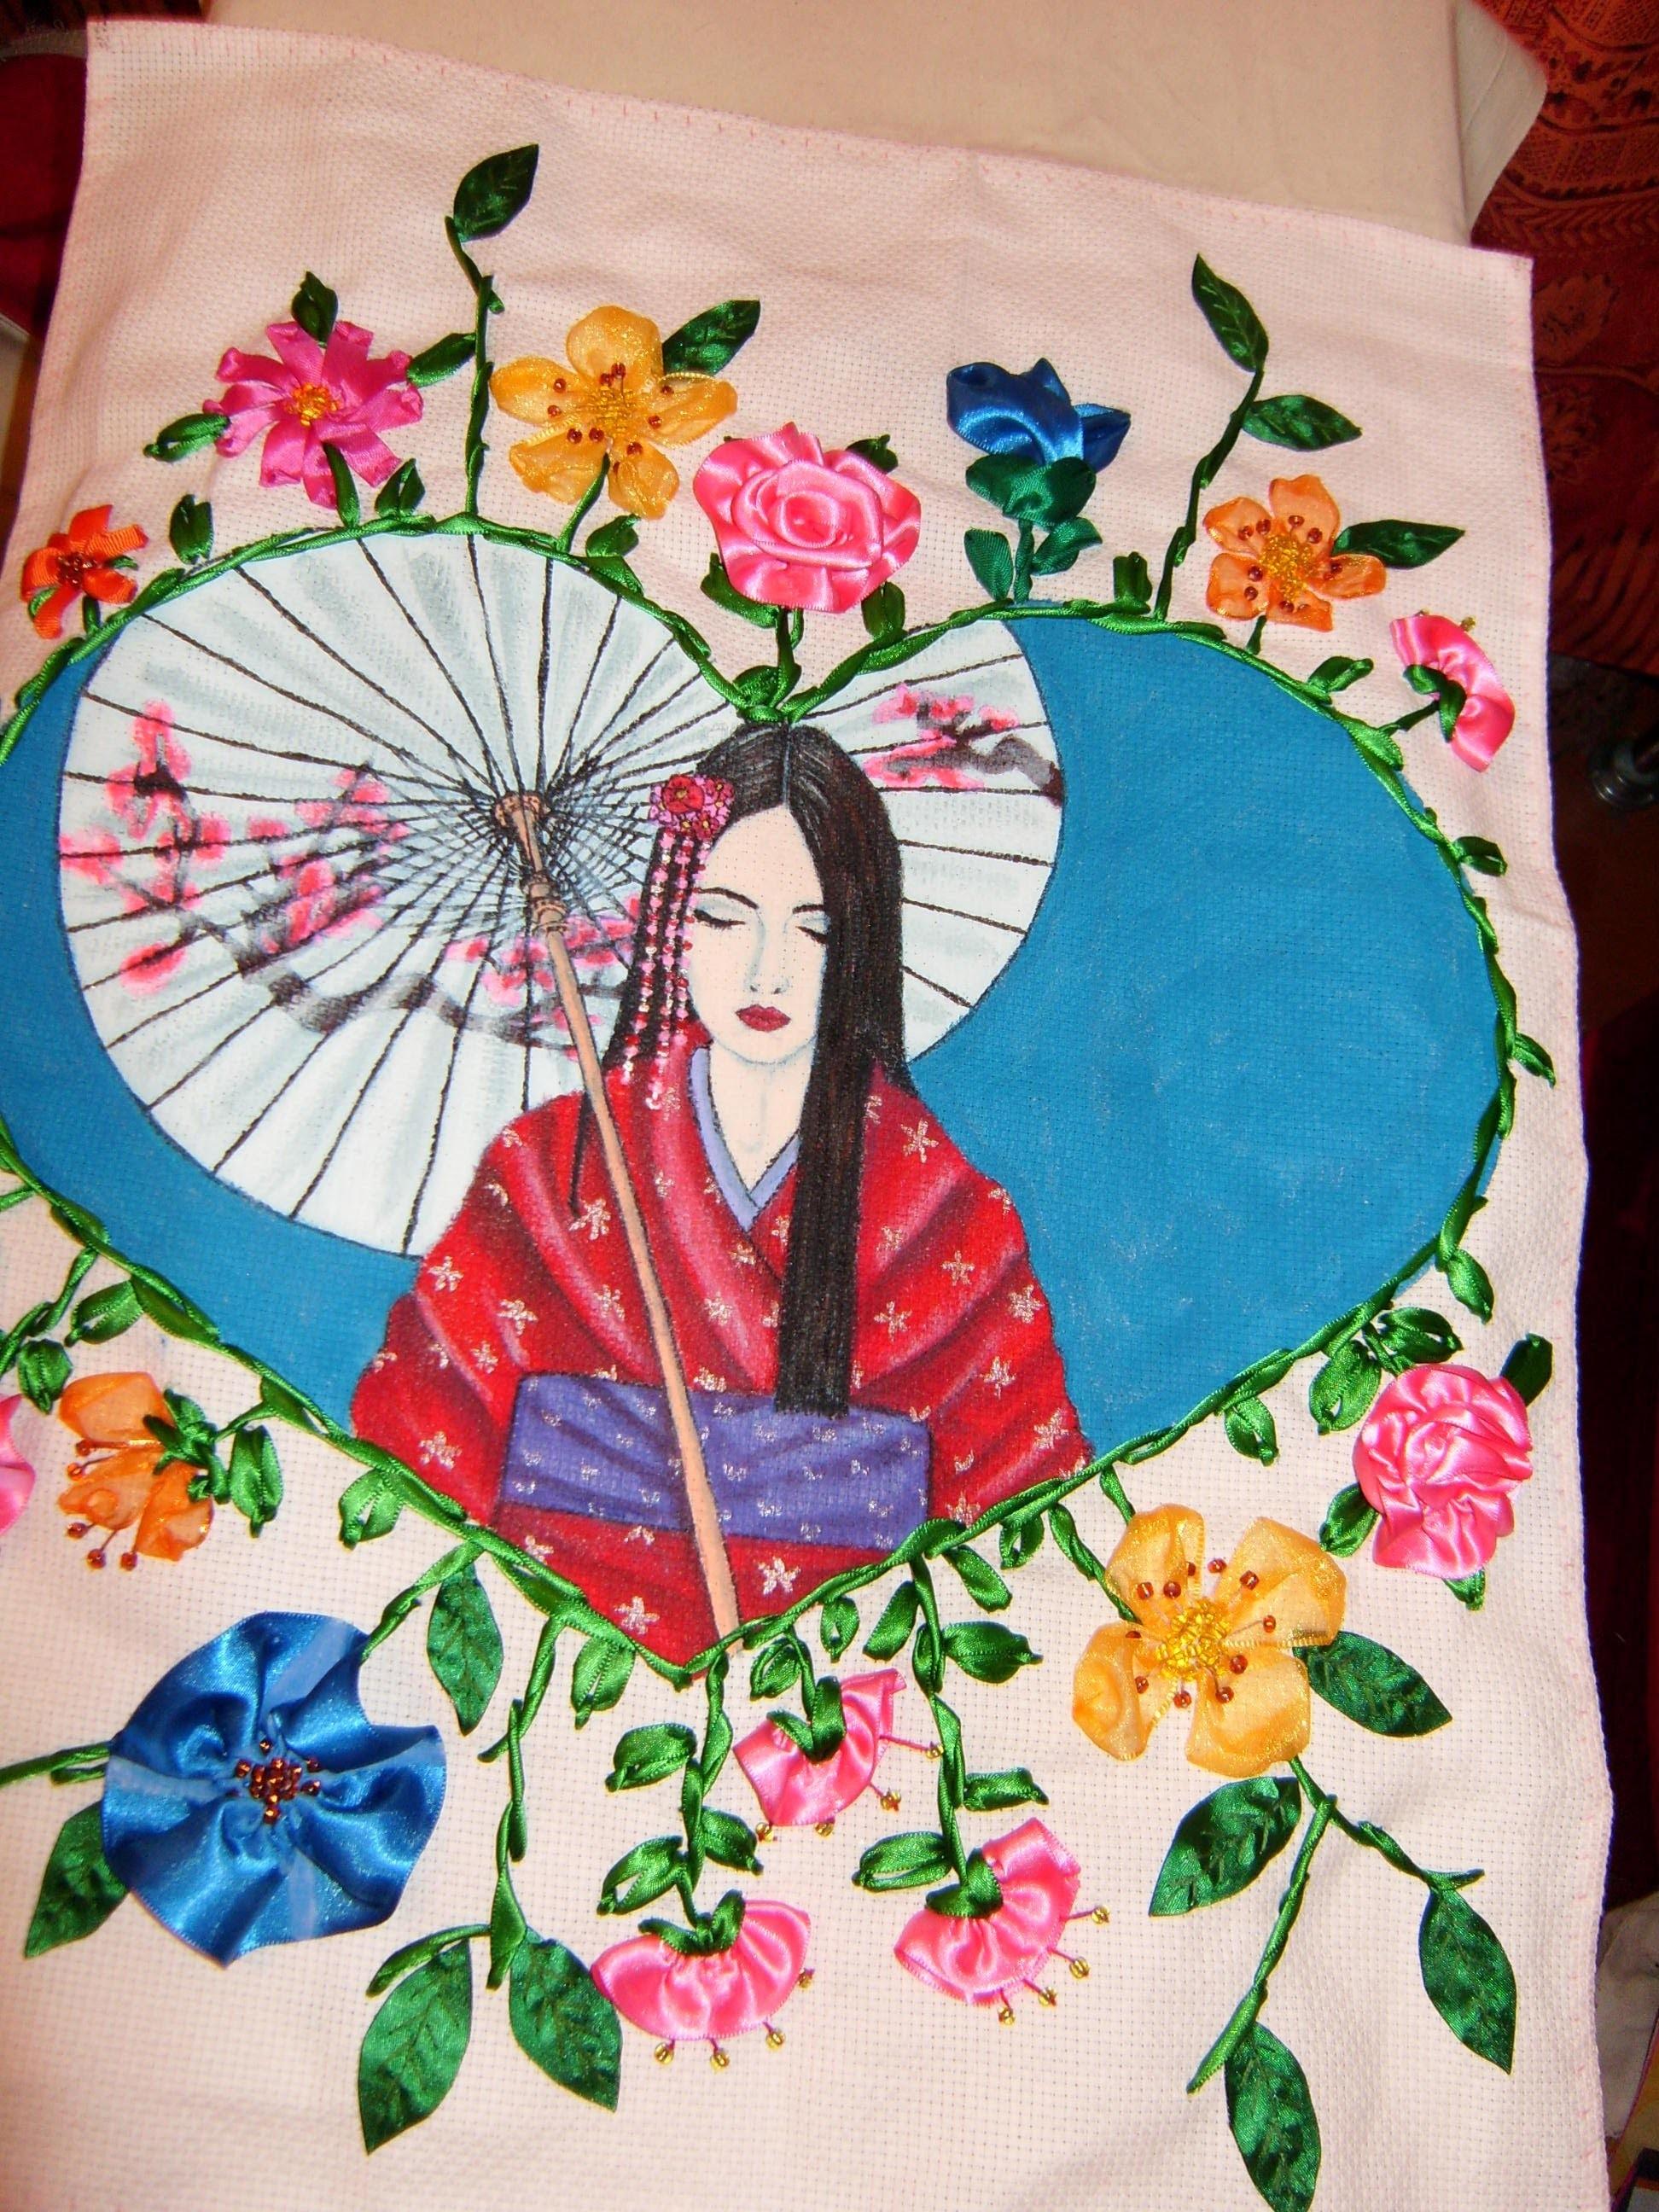 Excelente regalo hecho  con pintura en tela y flores bordadas en listón, para este día de la madre.